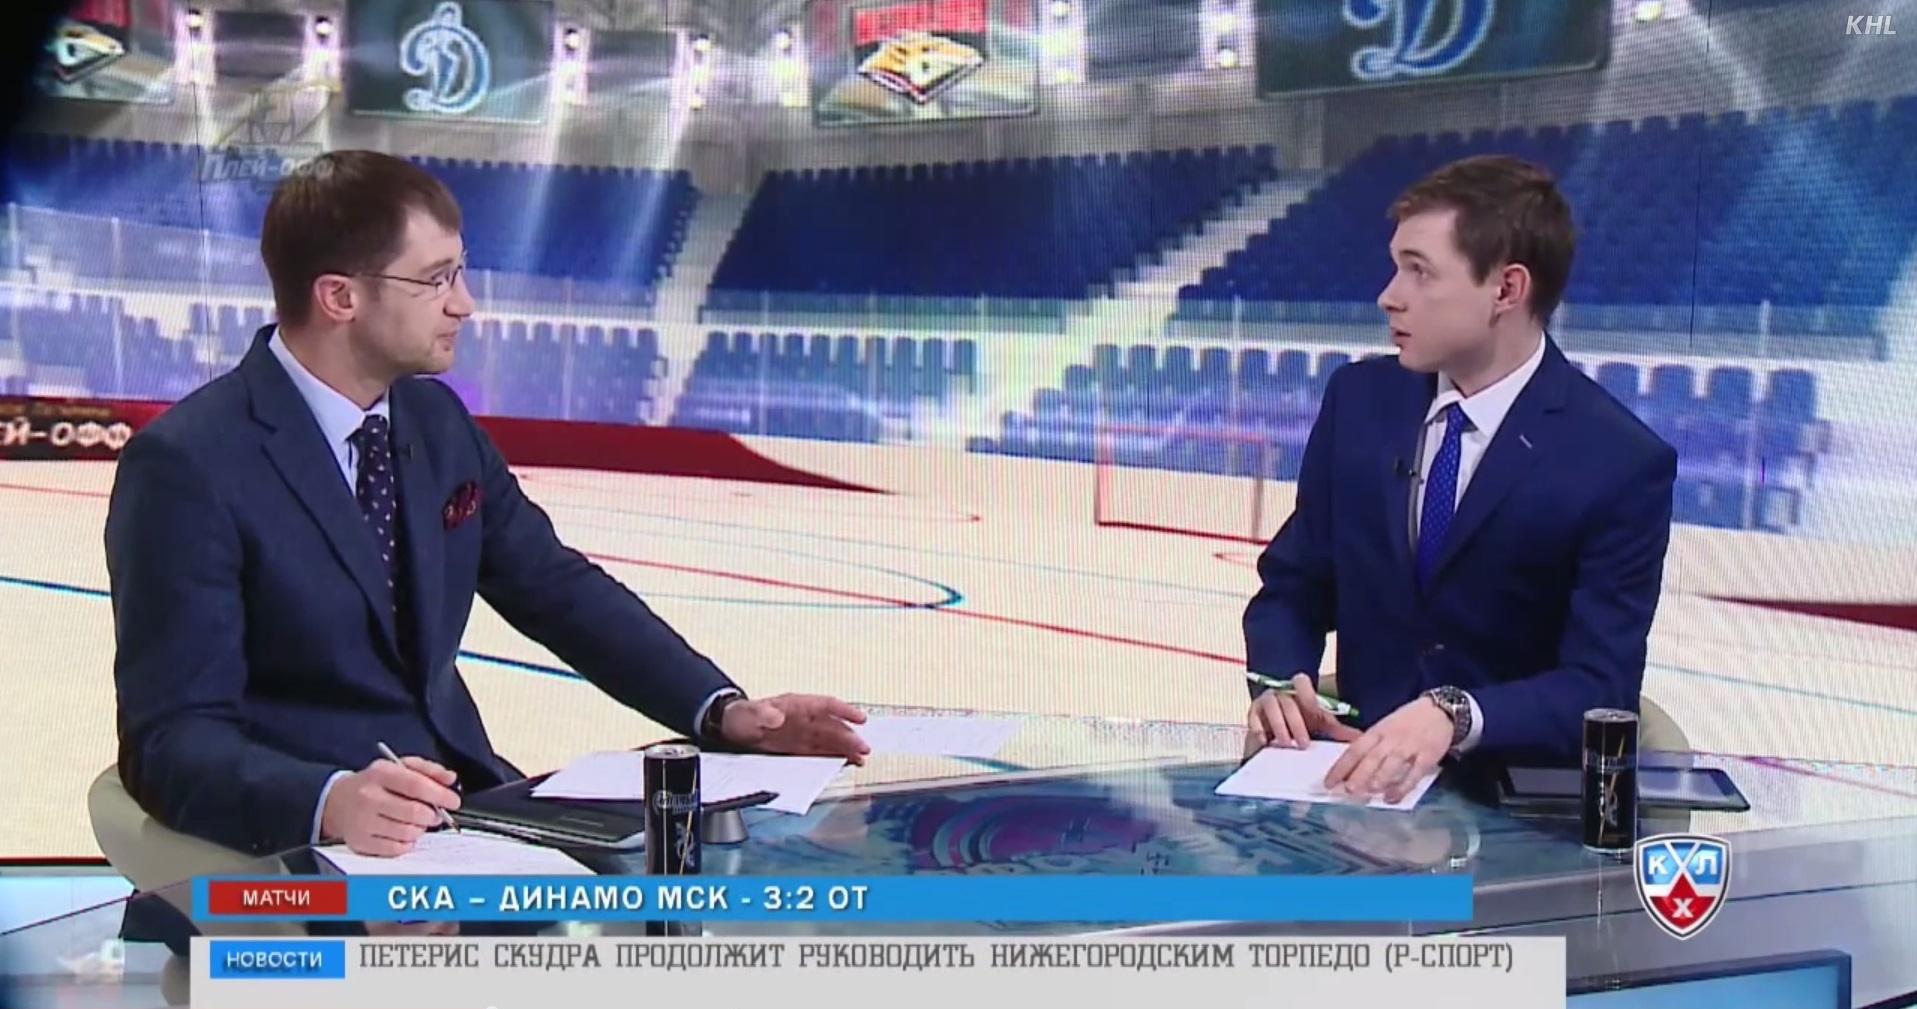 Бойков и Юртаев в эфире КХЛ ТВ